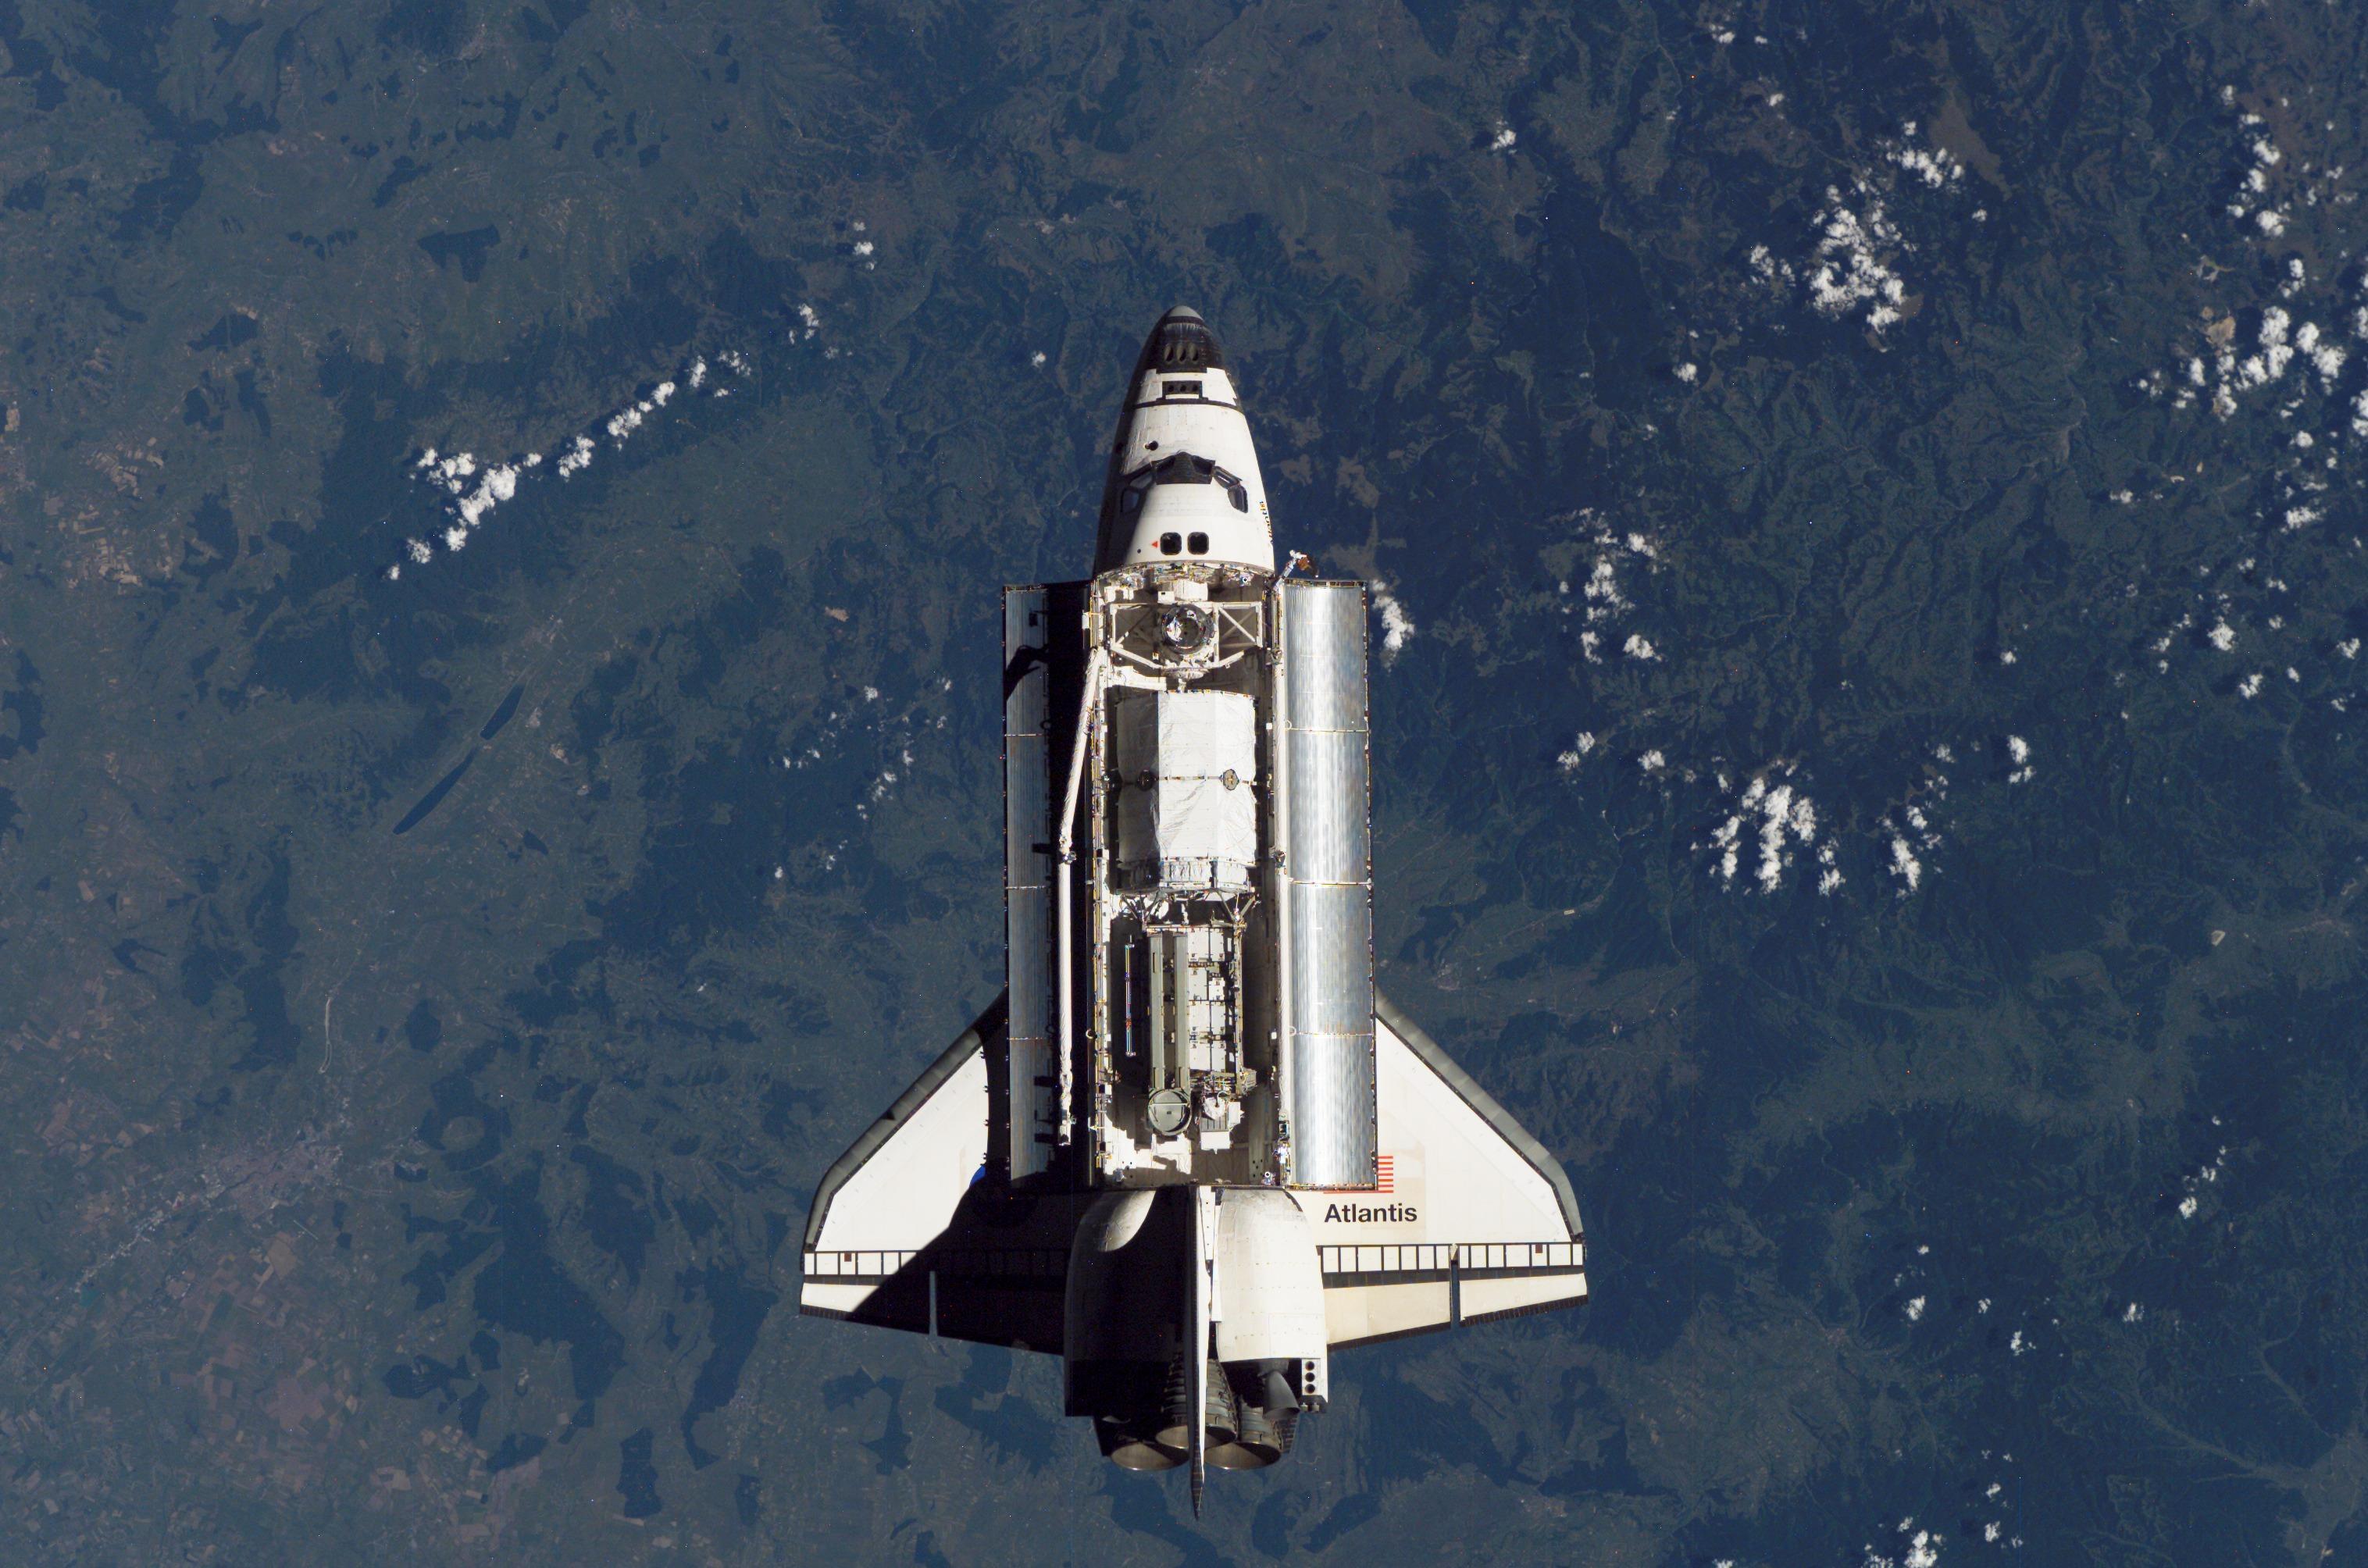 Shuttle Atlantis Atlantis on Top of The Shuttle